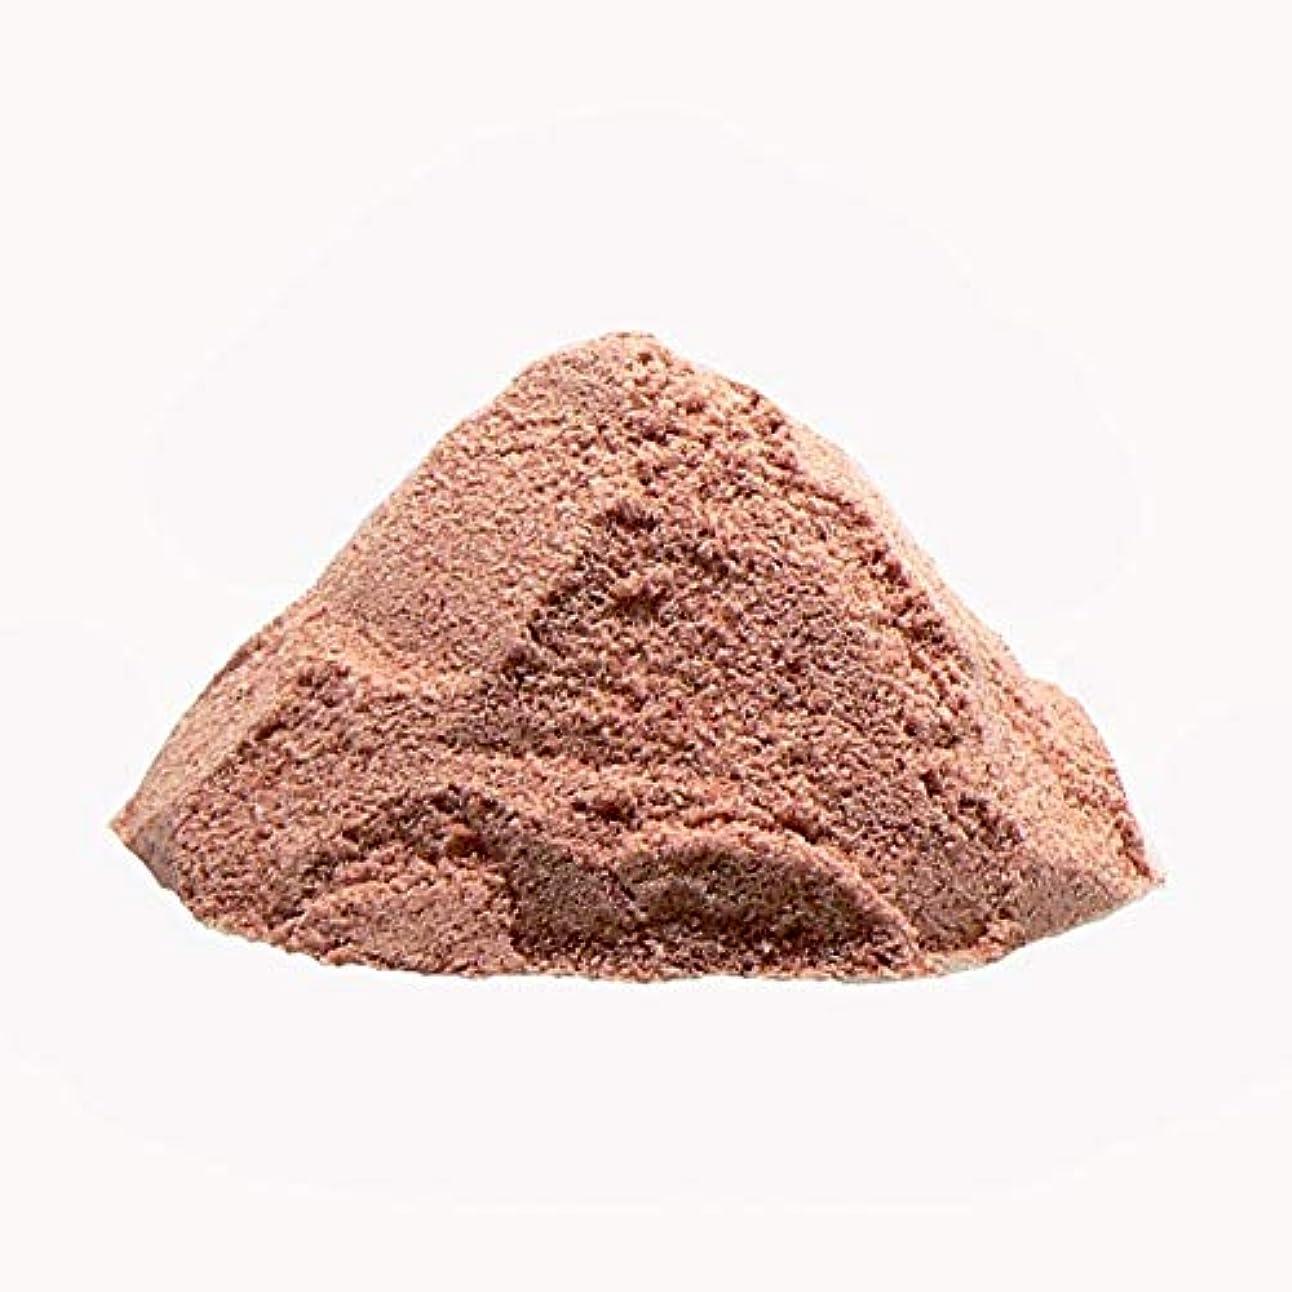 代わりにを立てるスキャン精算ヒマラヤ岩塩 プレミアム ルビーソルト バスソルト(パウダー)ネパール産 ルビー岩塩 (600g×2個セット)